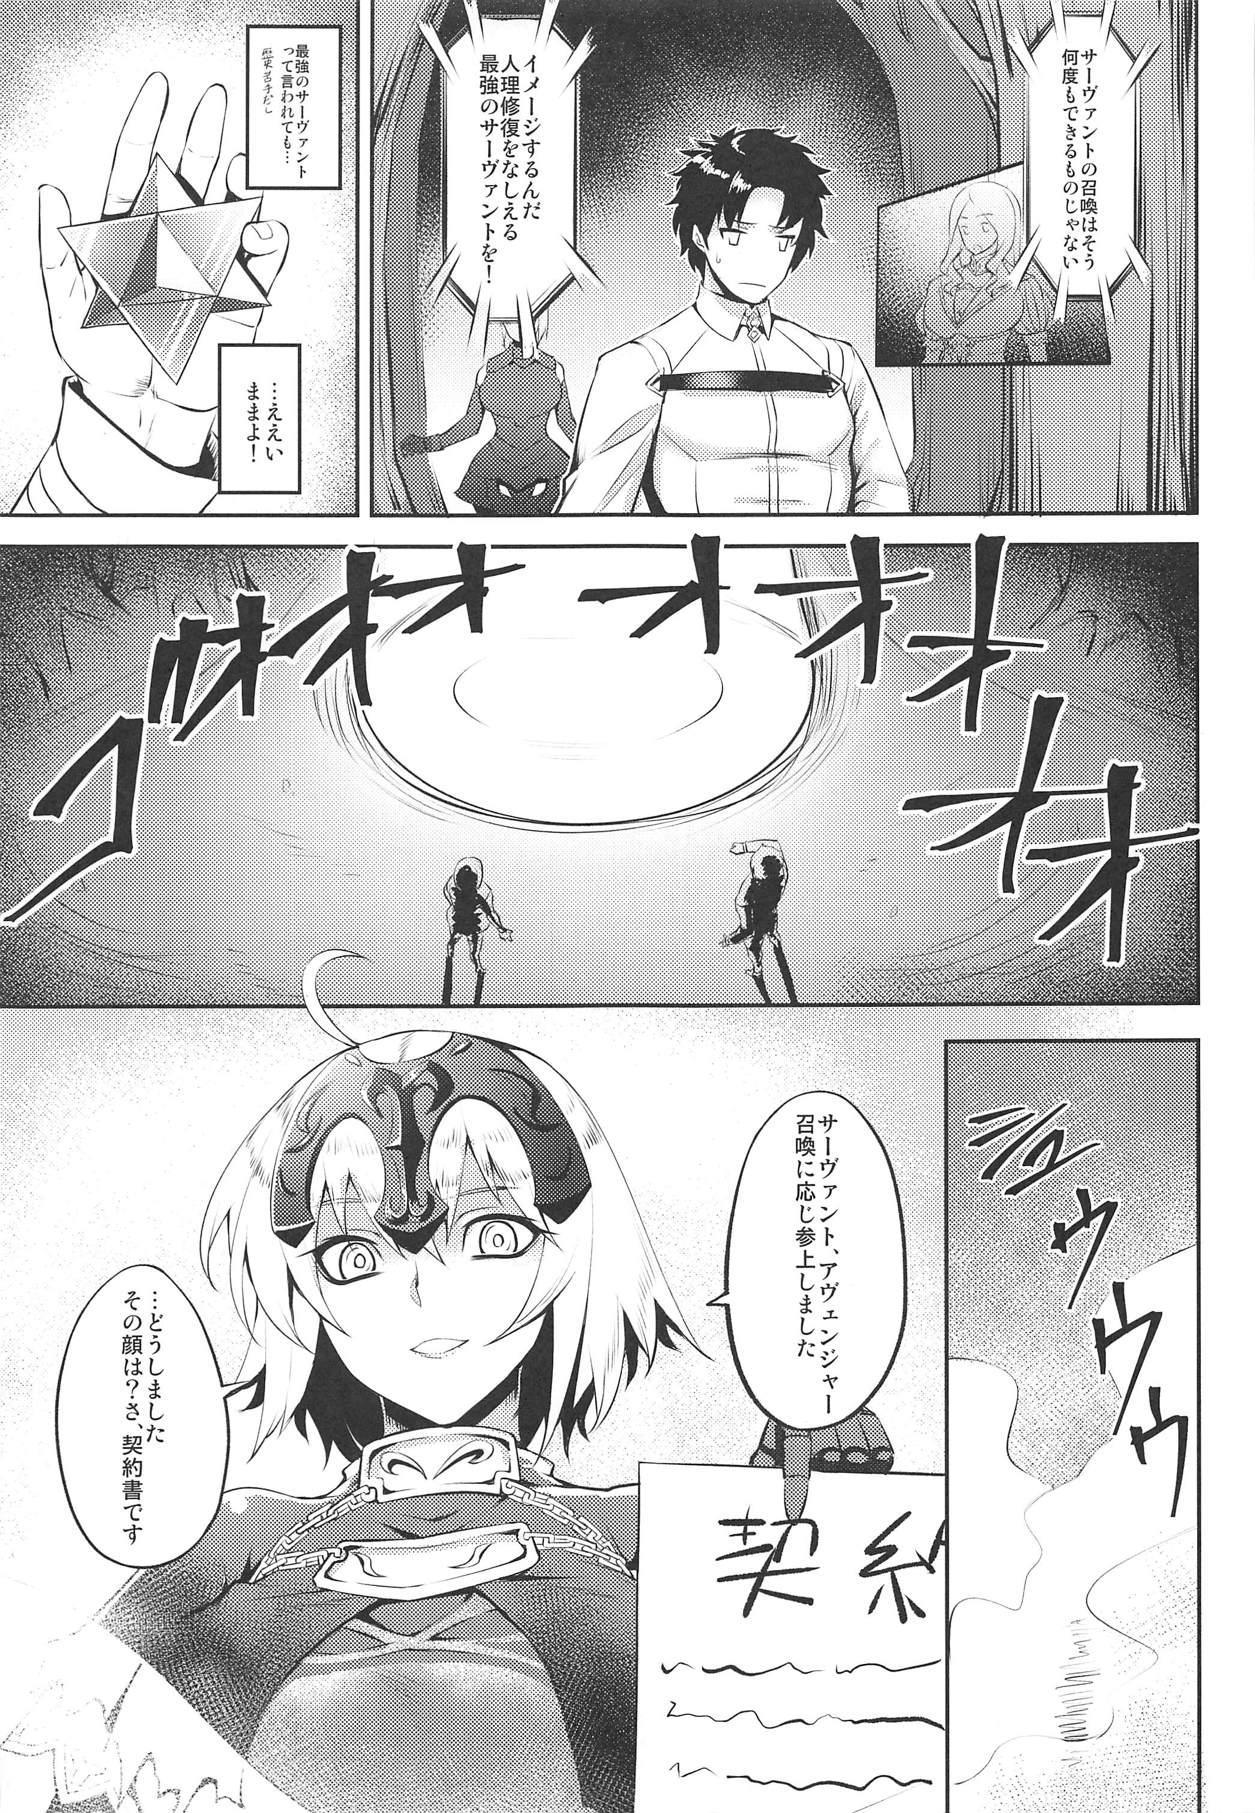 Sugao no Mama no Kimi de Ite 2